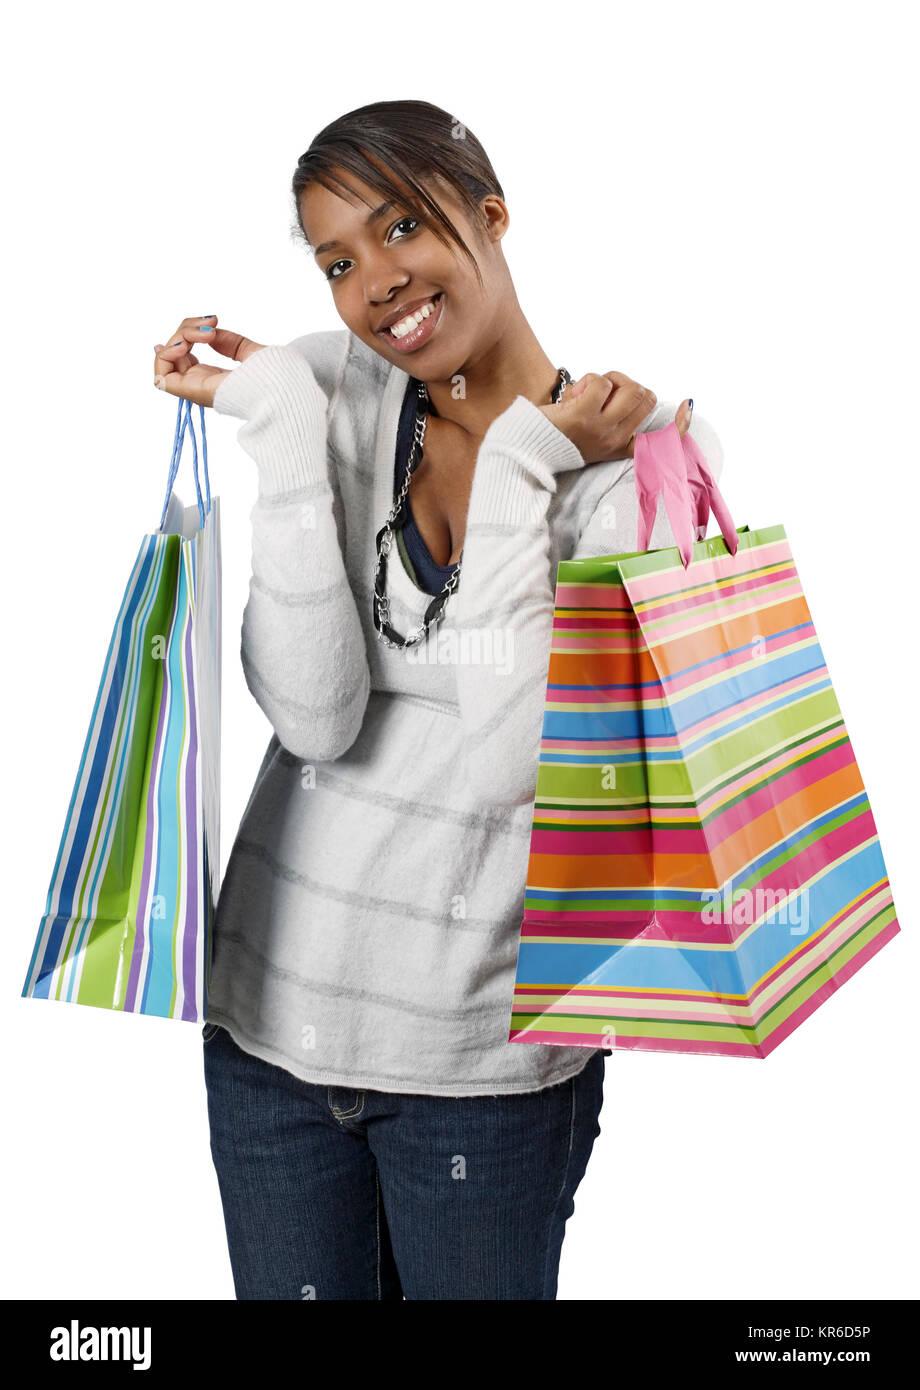 Un muy feliz shopaholic Chica sujetando las bolsas y sonriendo salvajemente sobre ella el consumismo desaforado. Foto de stock